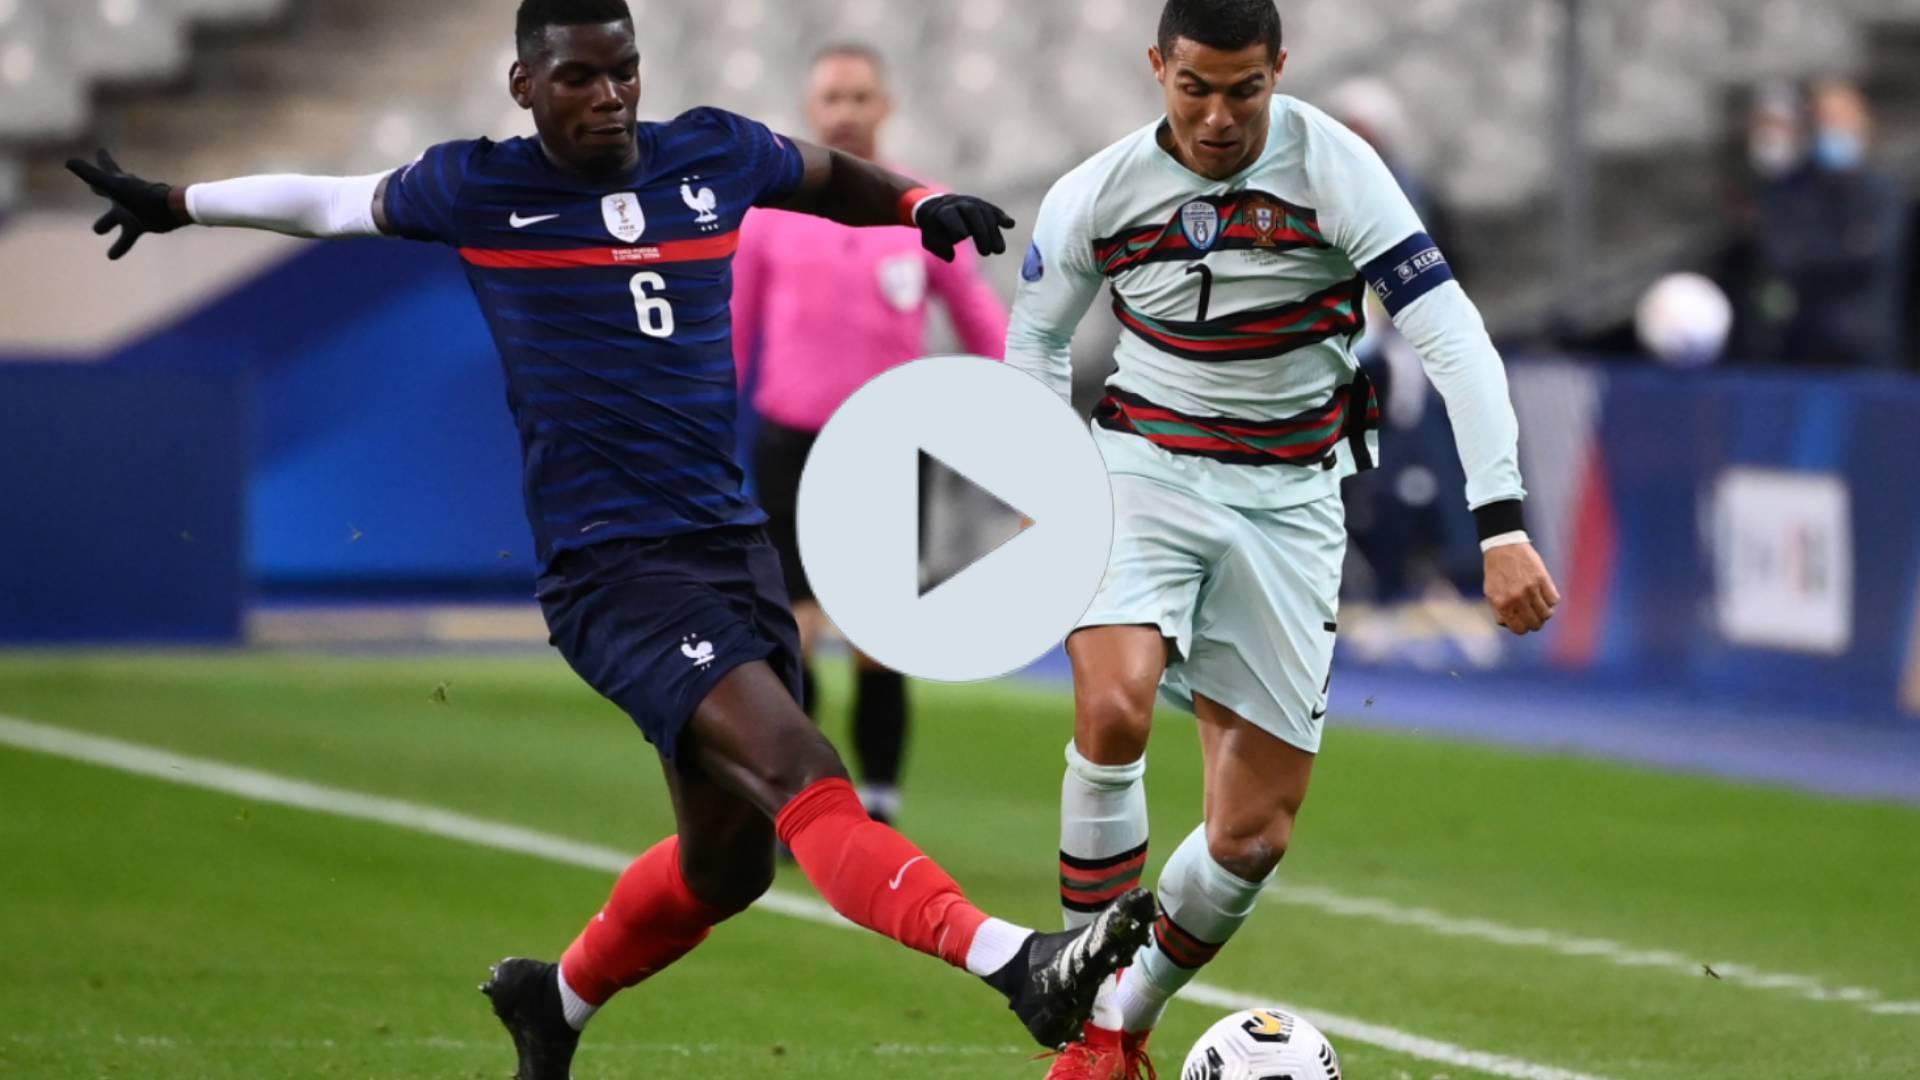 Portugal vs. Francia en vivo, canal de TV, cómo ver, noticias, probabilidades, tiempo